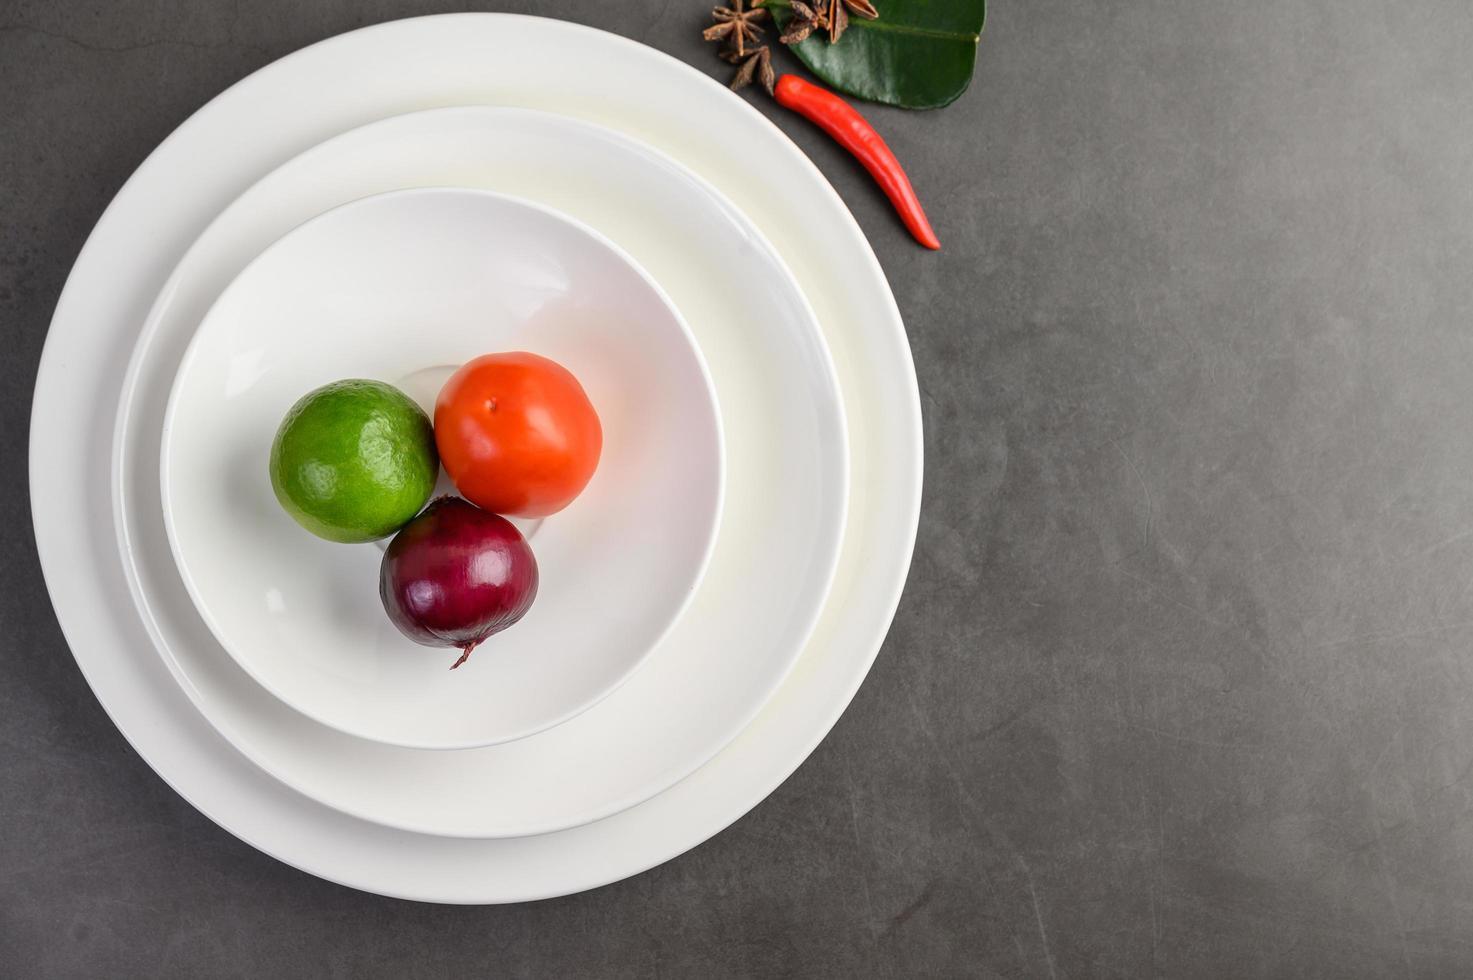 limoen, rode ui en tomaten op een witte plaat foto